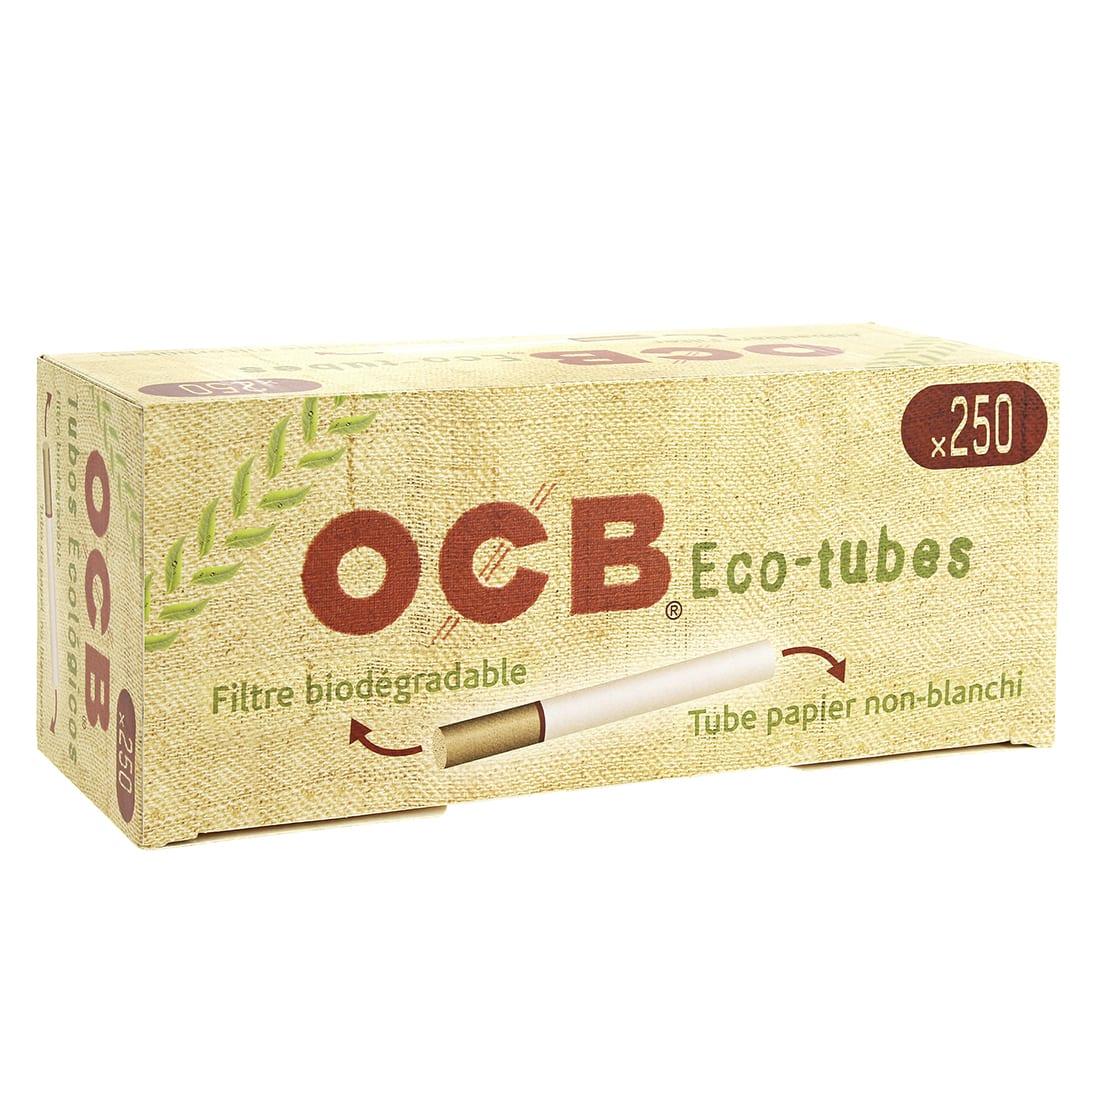 Photo de Boite de 250 tubes OCB Chanvre Bio avec filtre x1